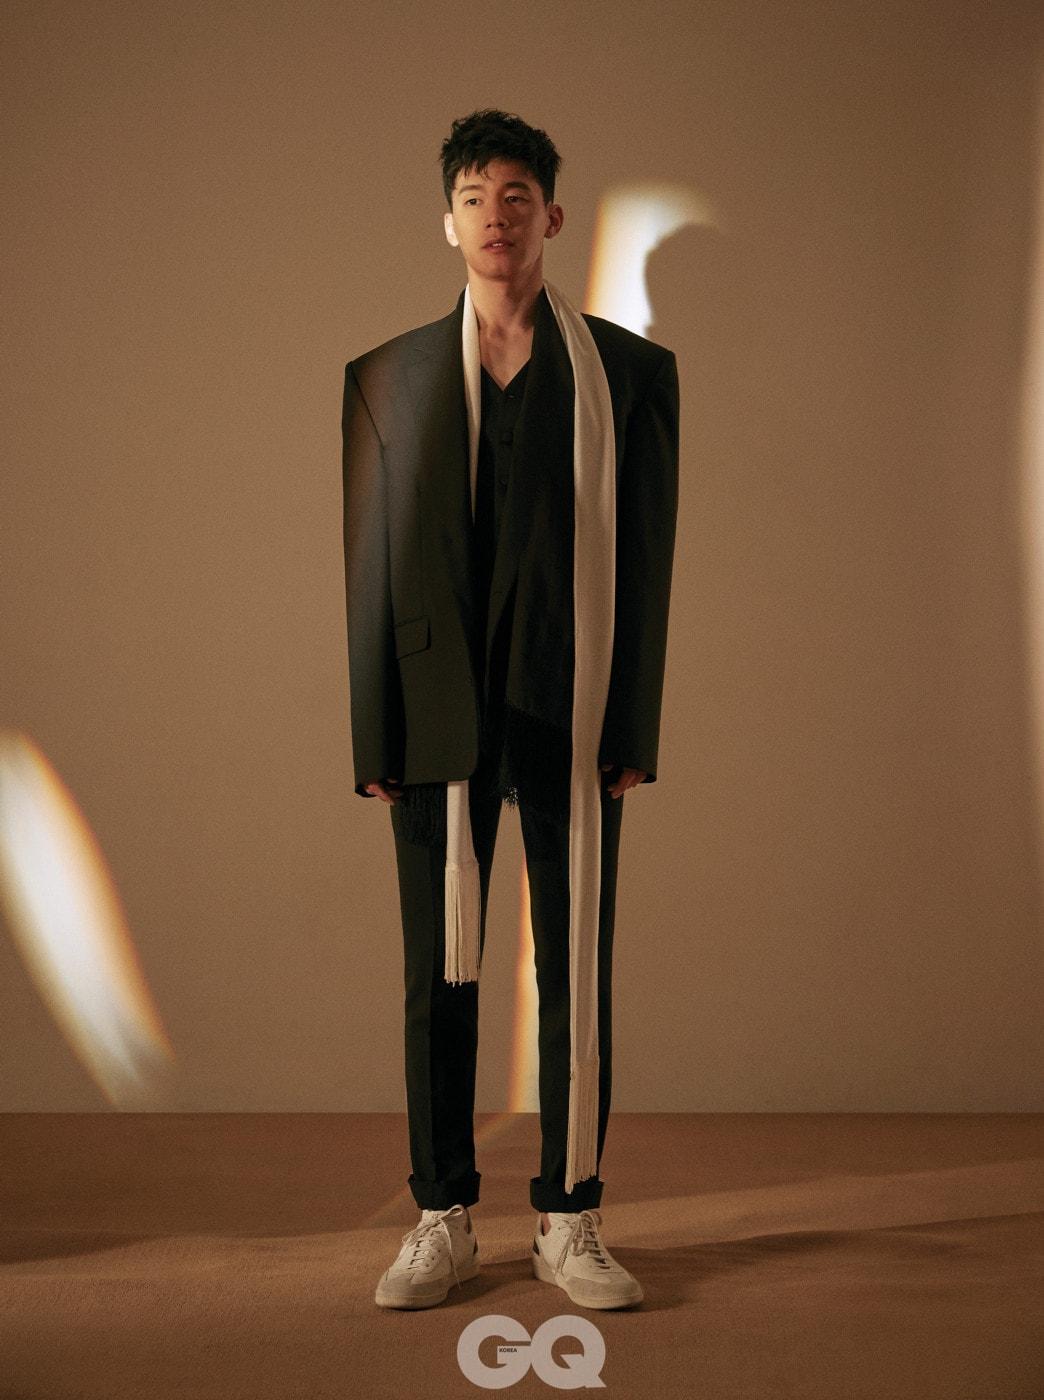 오버사이즈 블랙 재킷은 마틴 로즈 at 10 꼬르소꼬모. 블랙 베스트, 블랙 스카프 모두 돌체 & 가바나. 화이트 스니커즈, 디올 옴므. 블랙 팬츠, 화이트 스카프는 스타일리스트의 것.